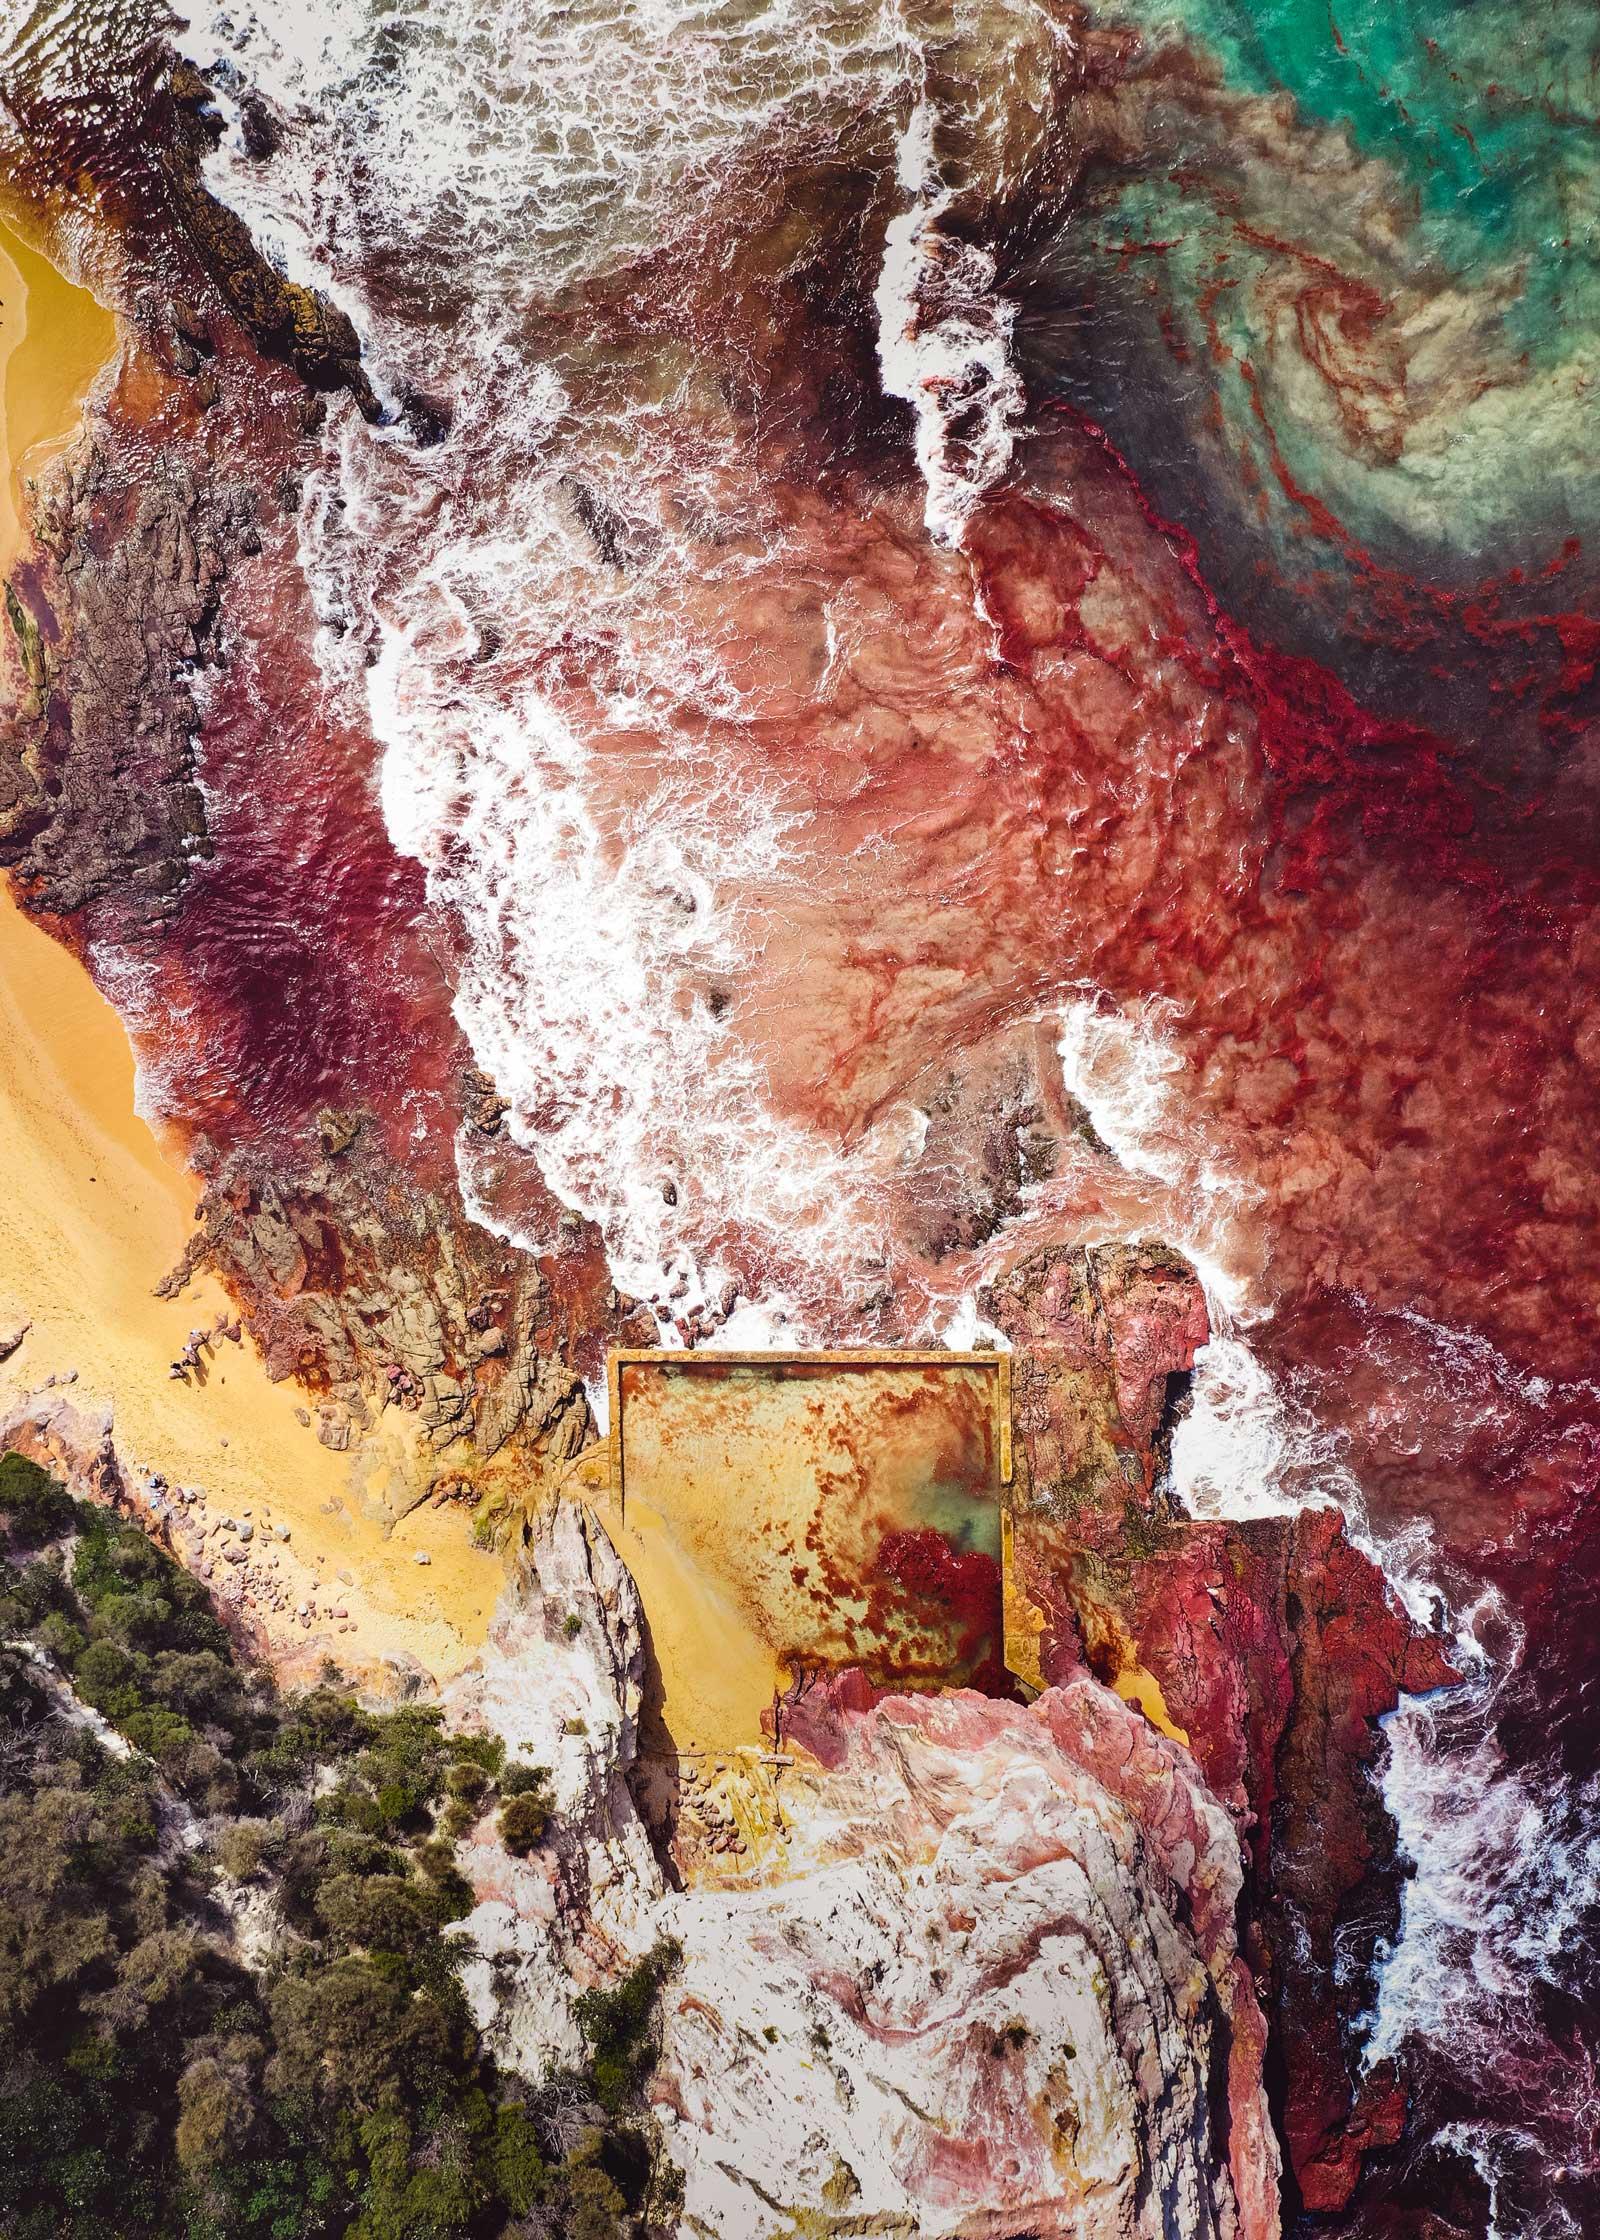 空中景观拍摄于澳大利亚新南威尔士州南海岸